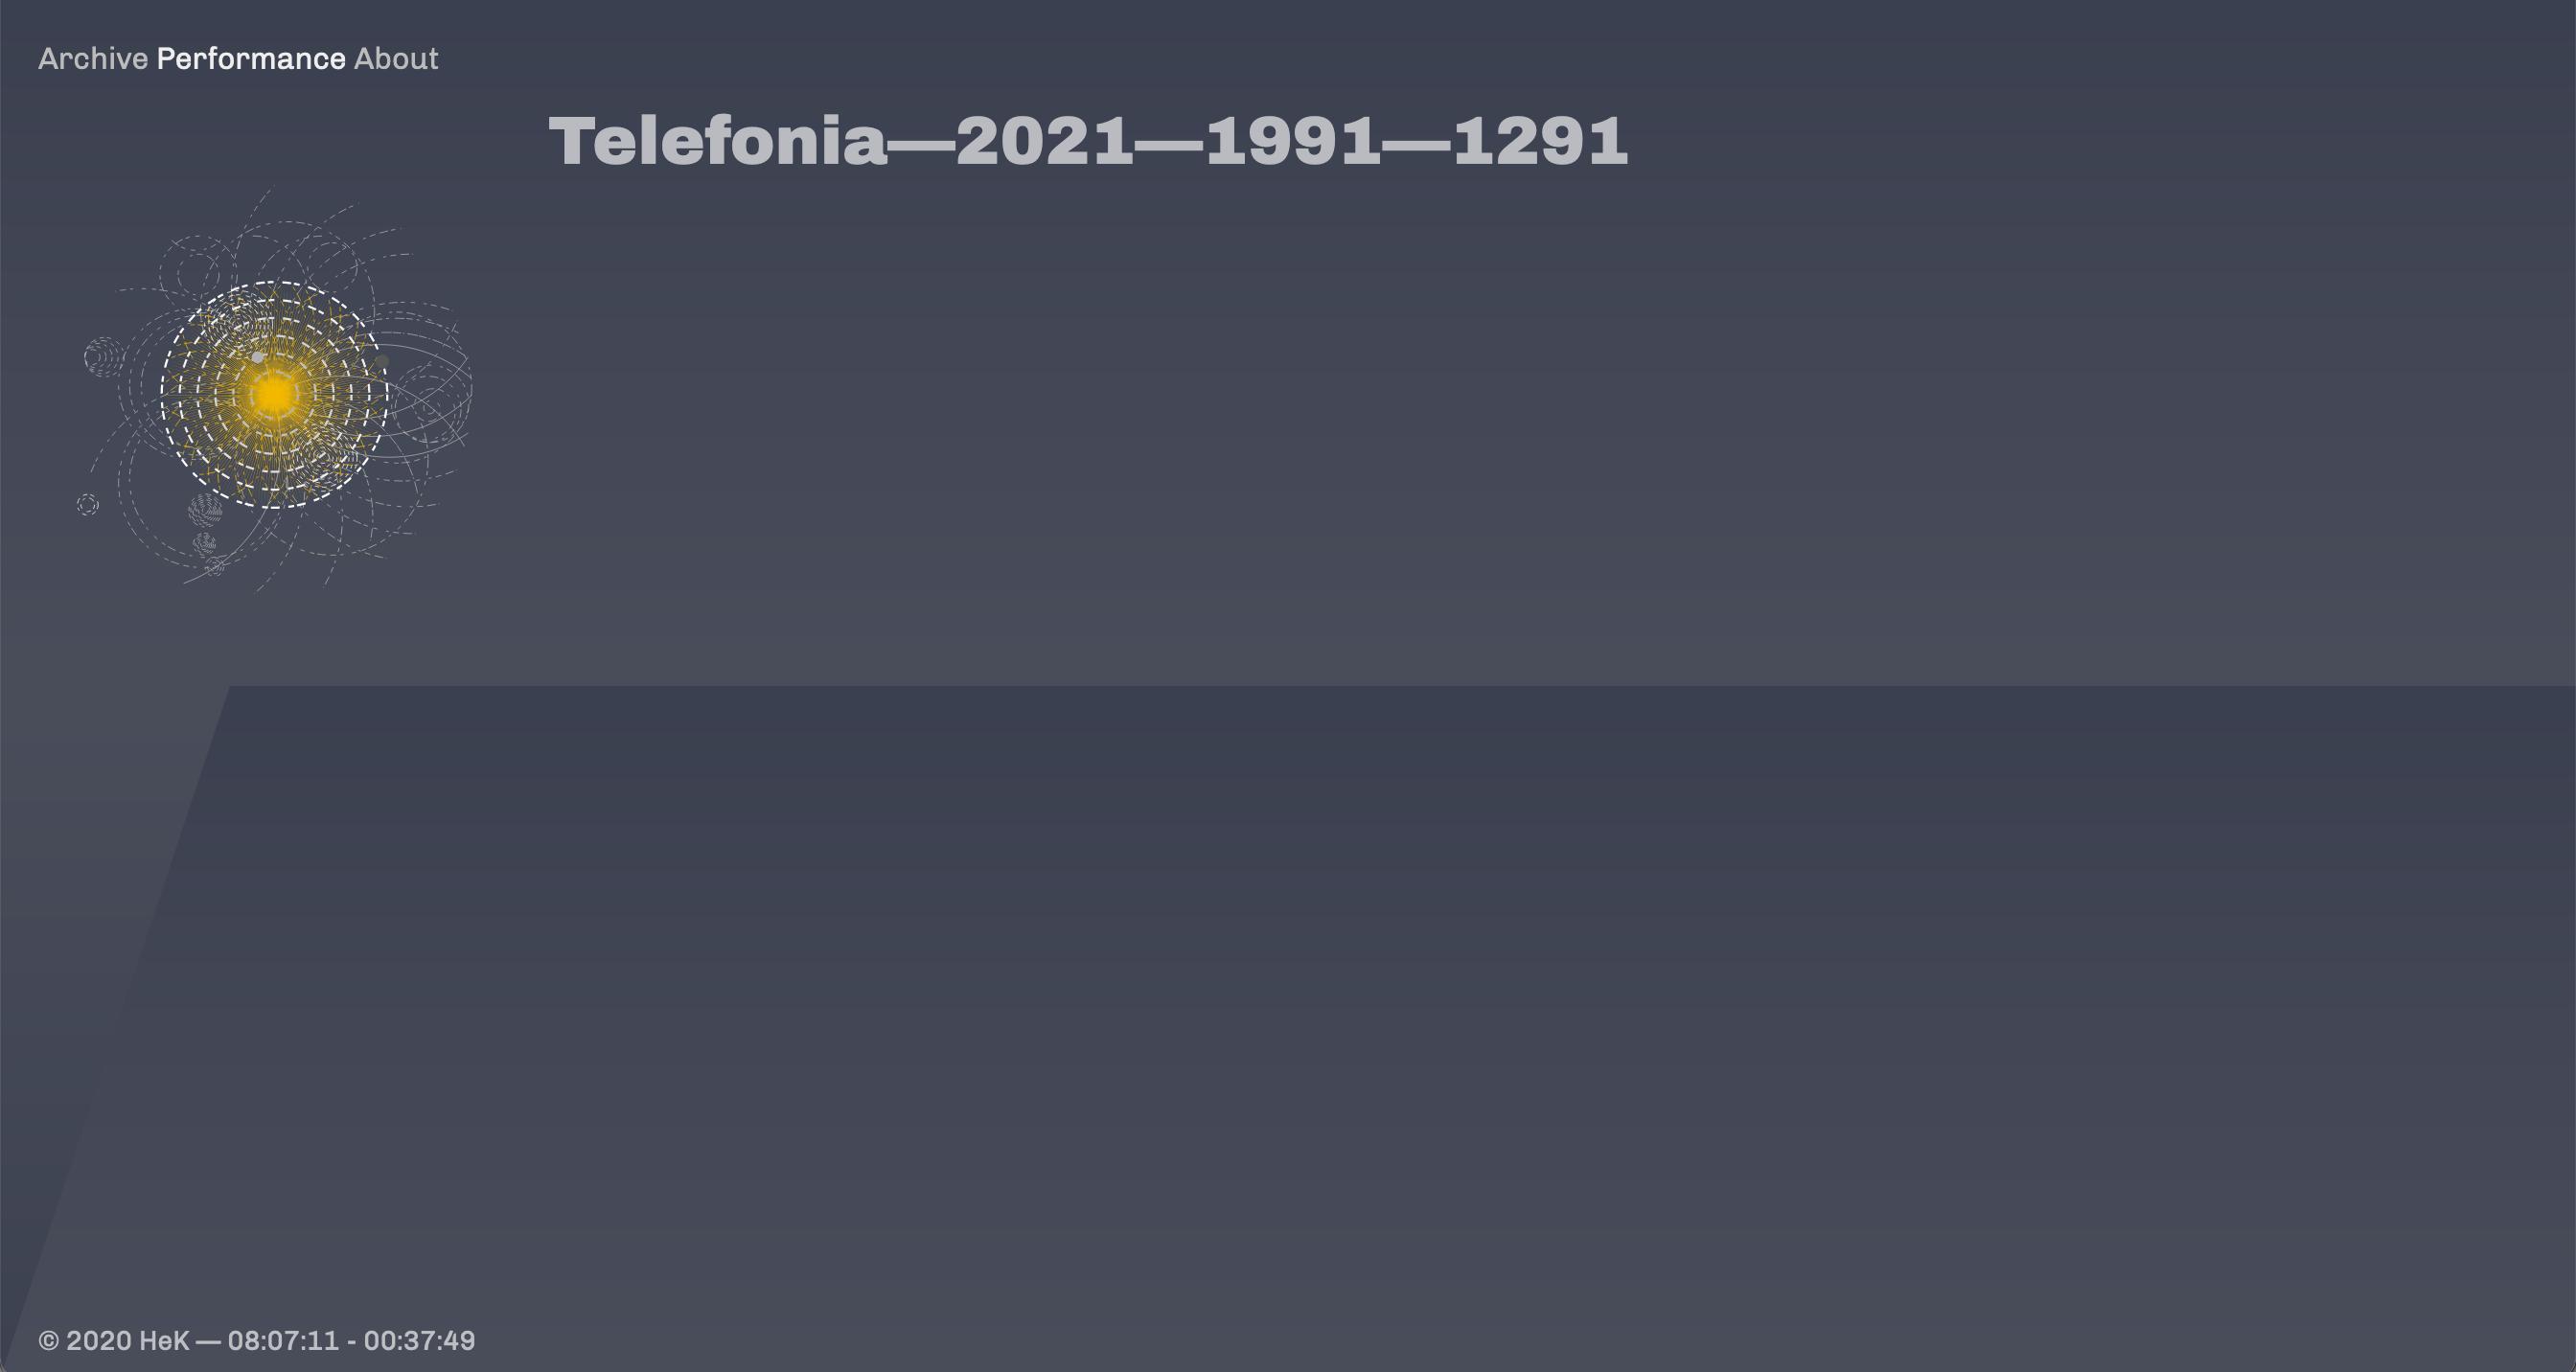 Bildschirmfoto 2021-01-30 um 15.07.49